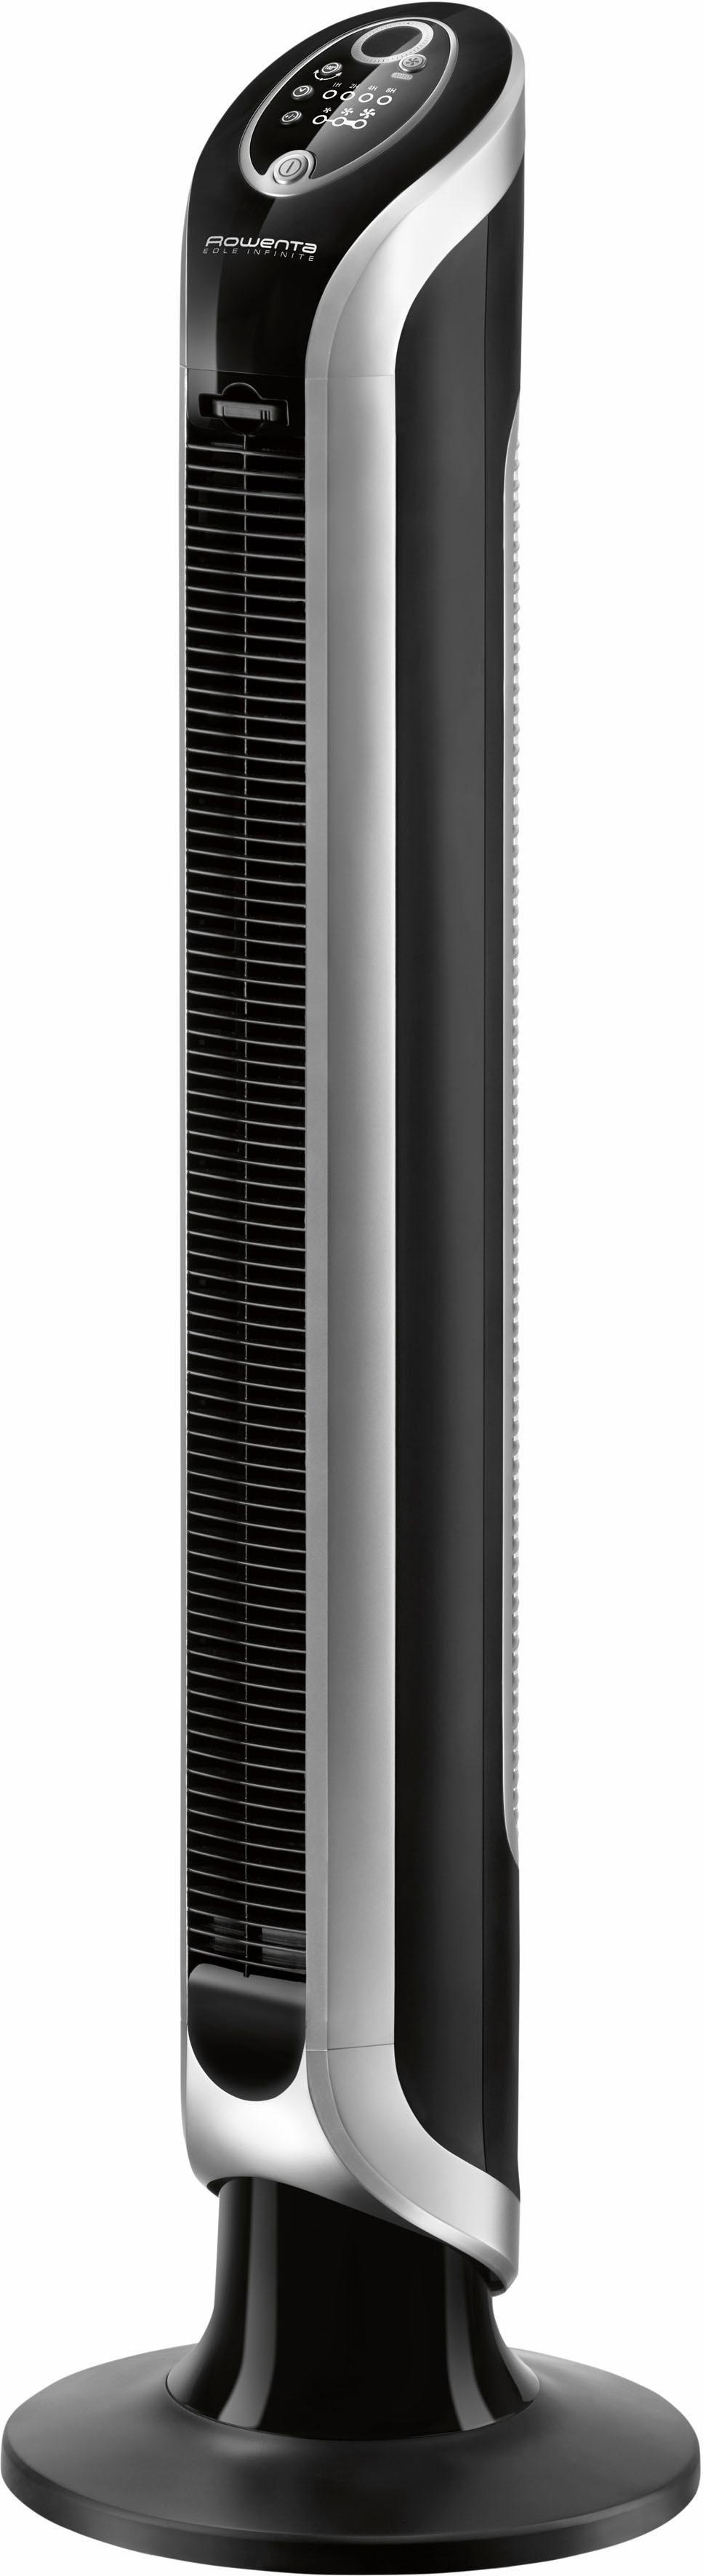 Rowenta torenventilator VU 6670 EOLE INFINITE bij OTTO online kopen